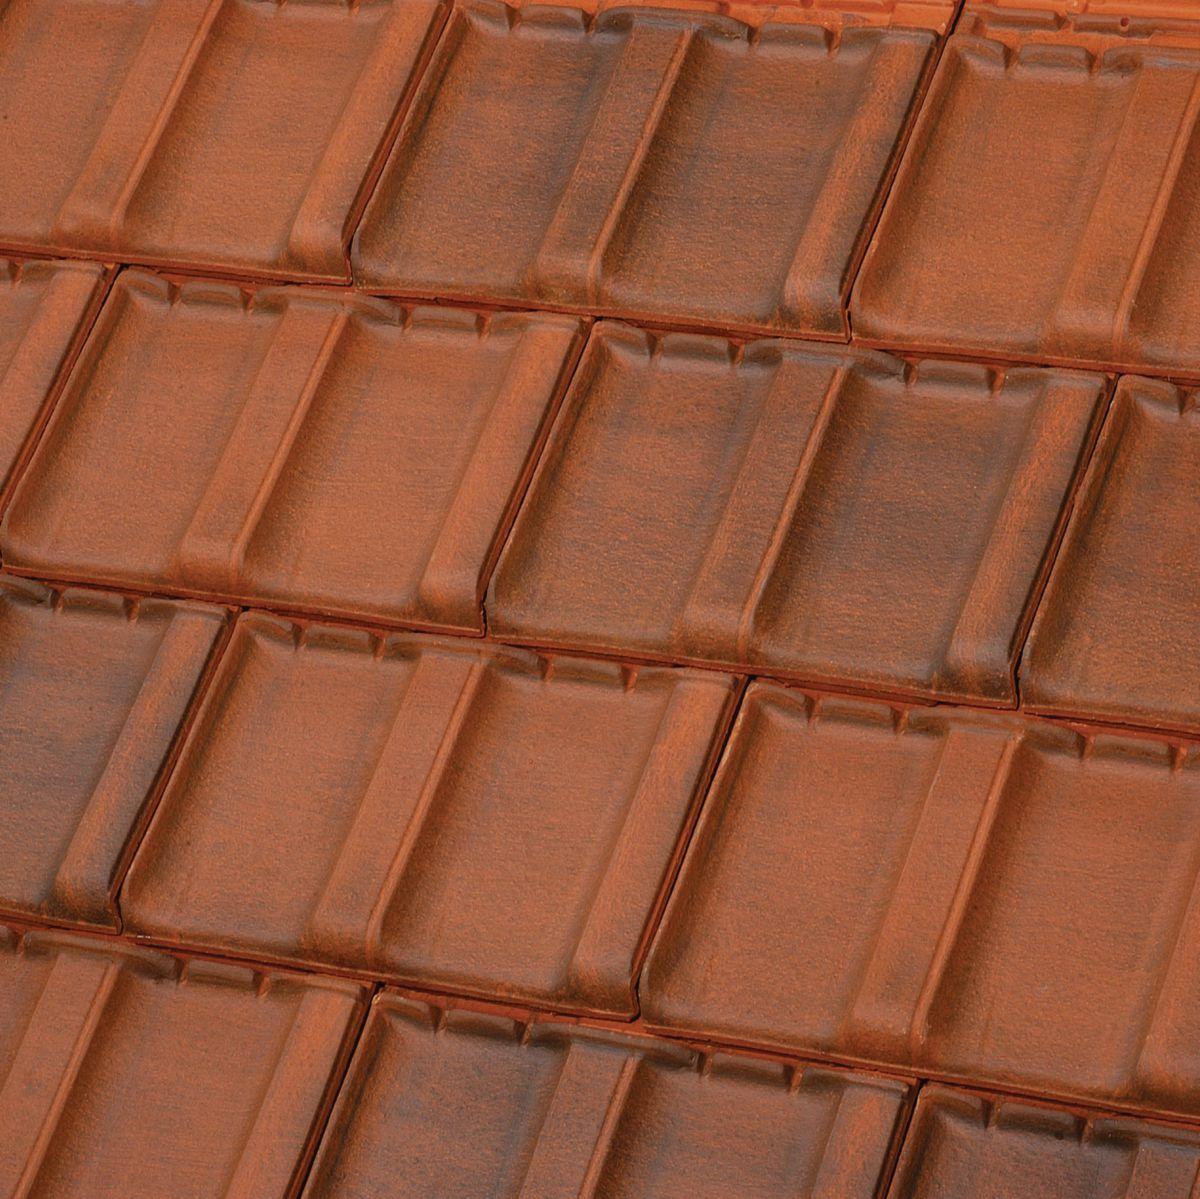 Tuile à douille Résidence brun rustique diamètre 100 mm TERREAL - Chaveignes - 37120